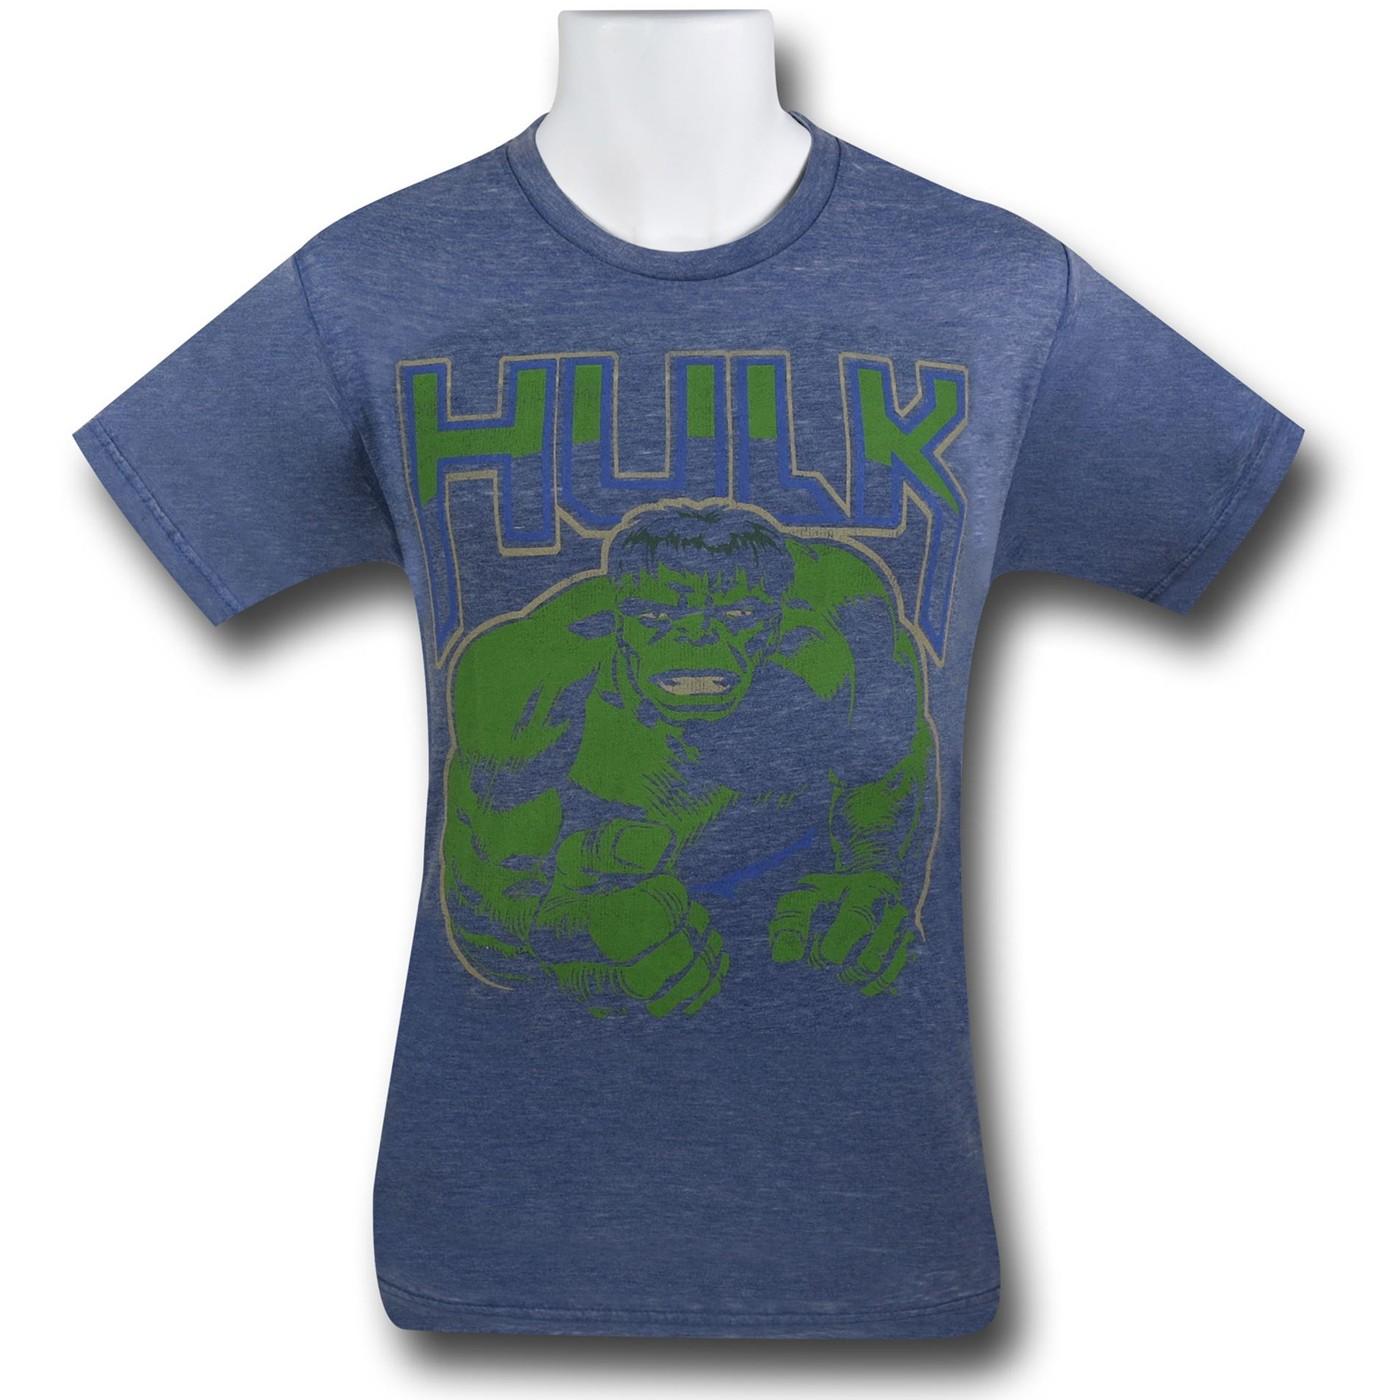 Hulk Mutated Humanoid Kids T-Shirt